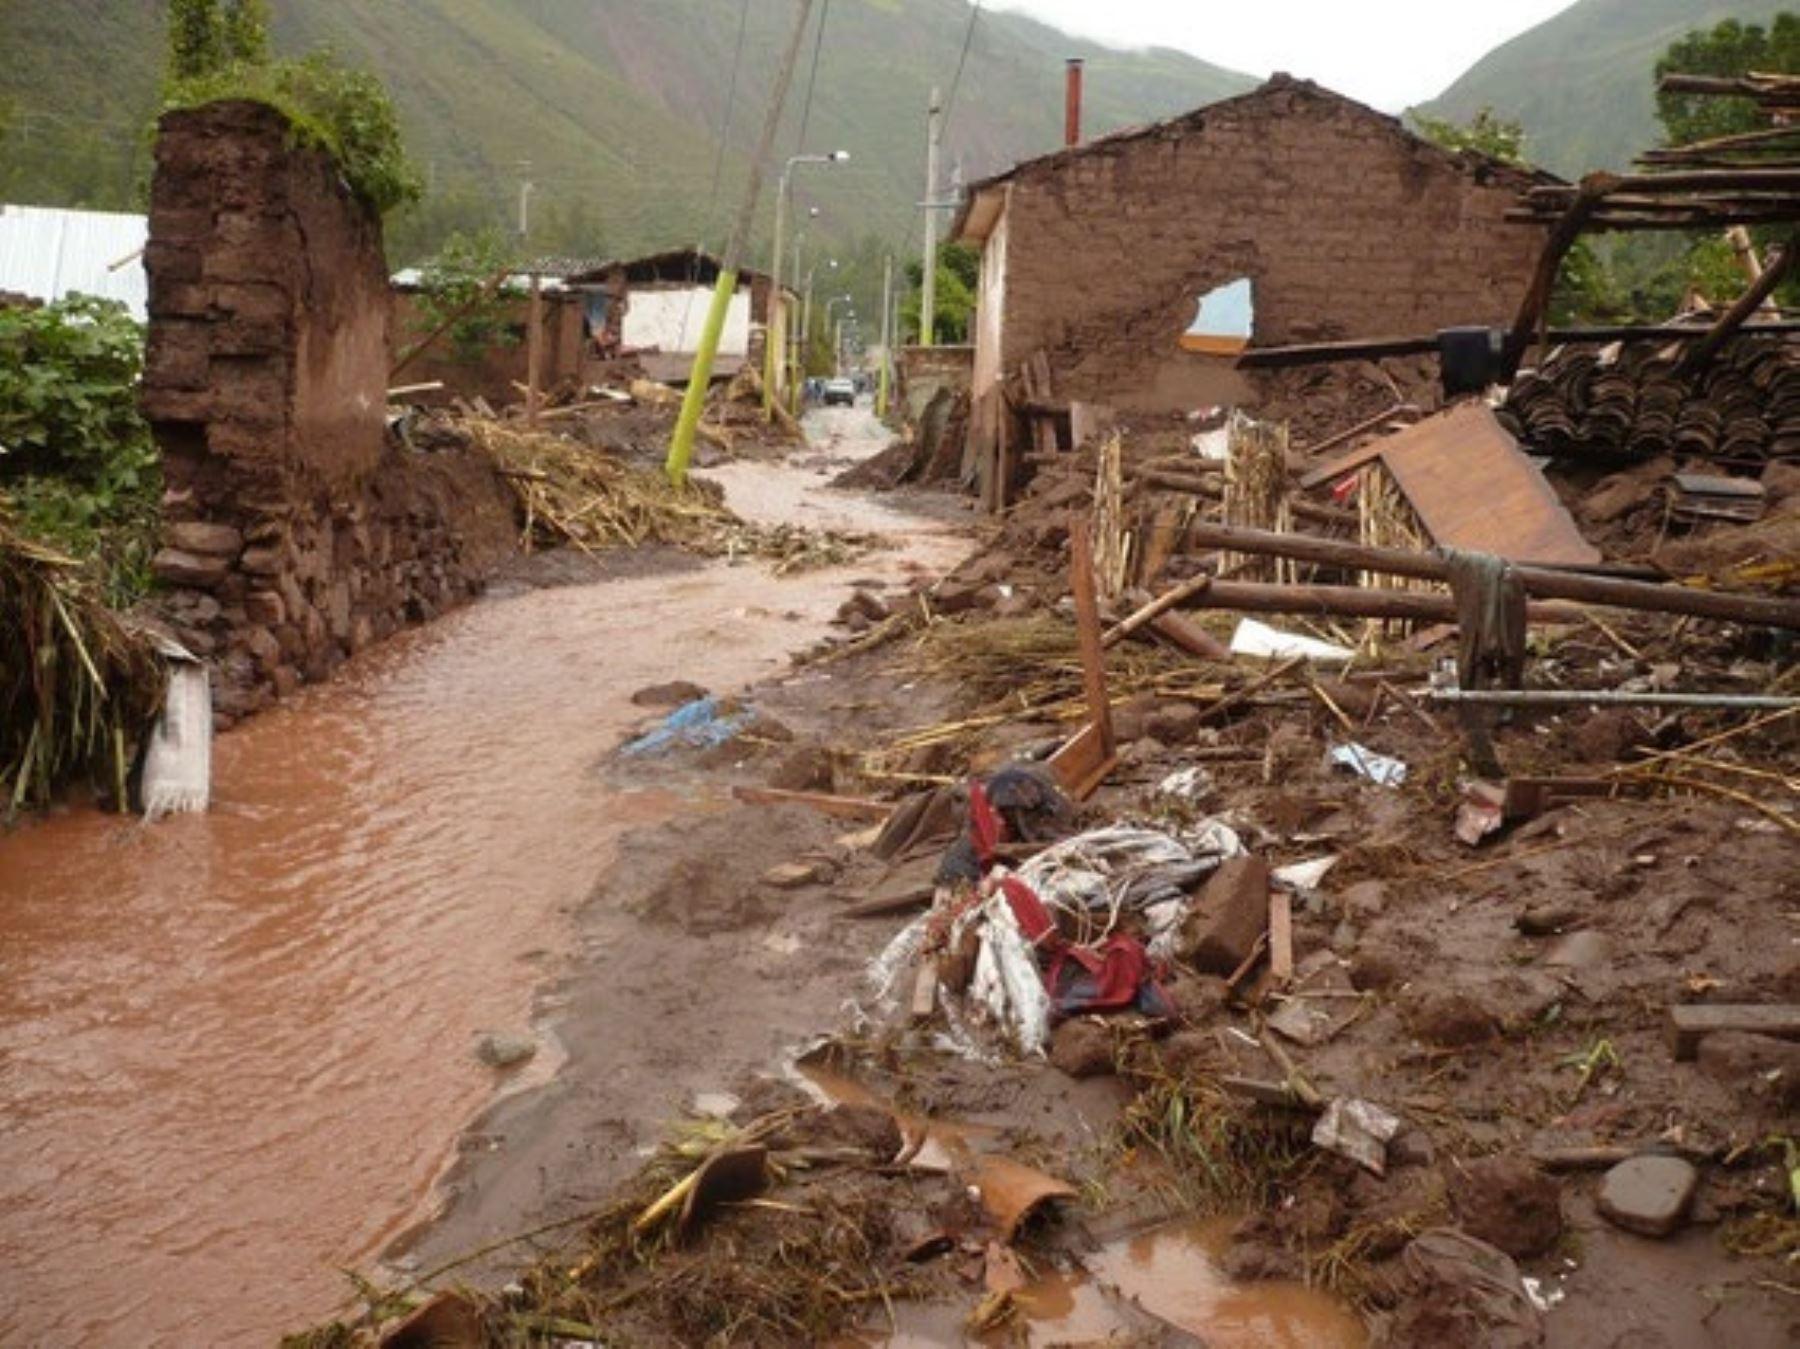 El distrito de Kosñipata se ubica en la provincia de Paucartambo, departamento del Cusco.